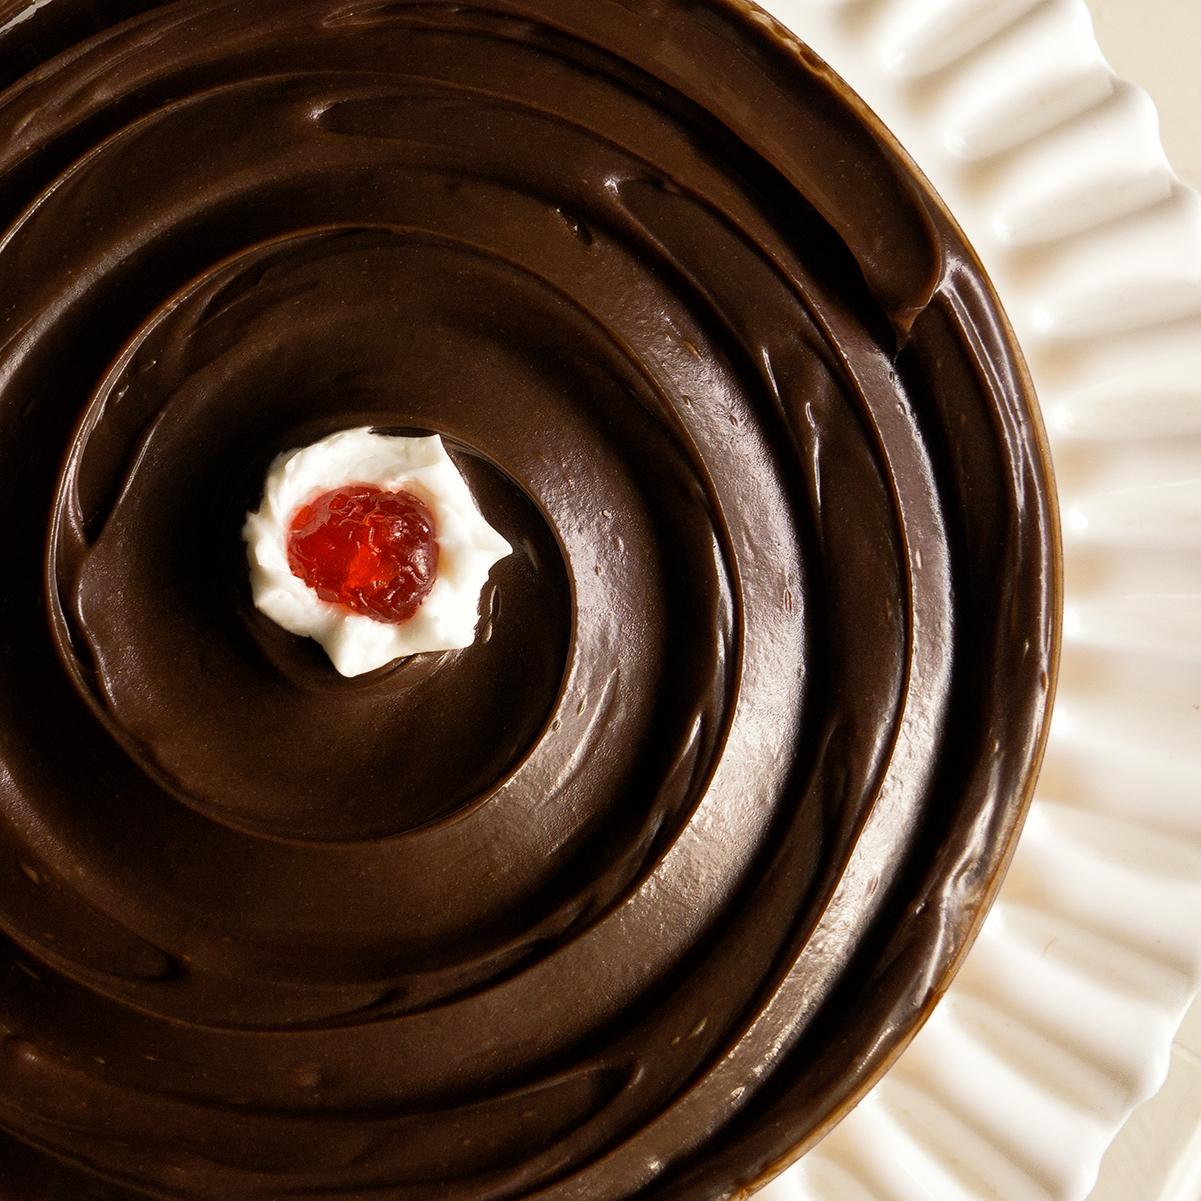 Boston cream pie, flatlay